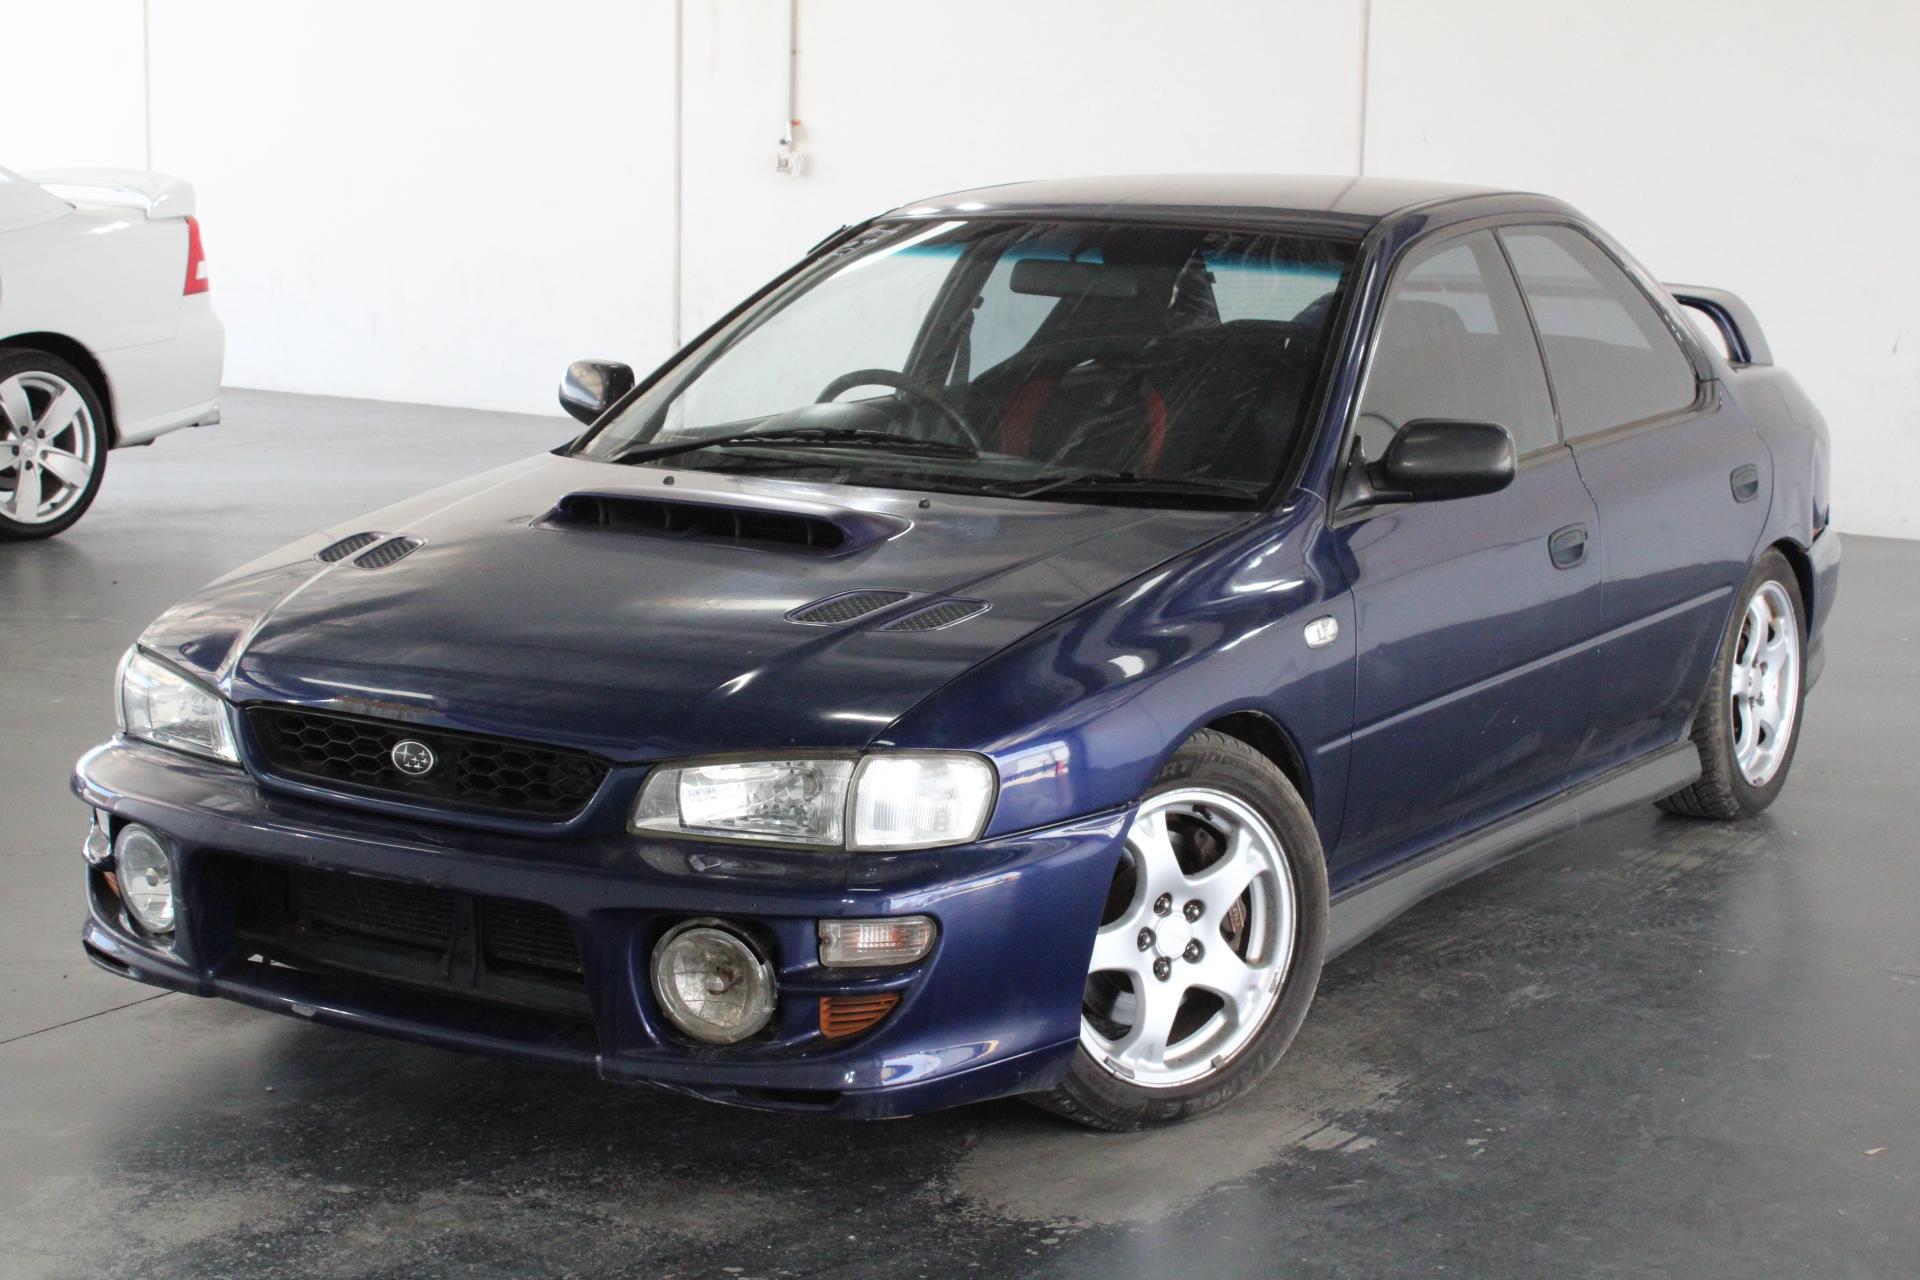 1999 Subaru Impreza WRX (AWD) Manual Sedan